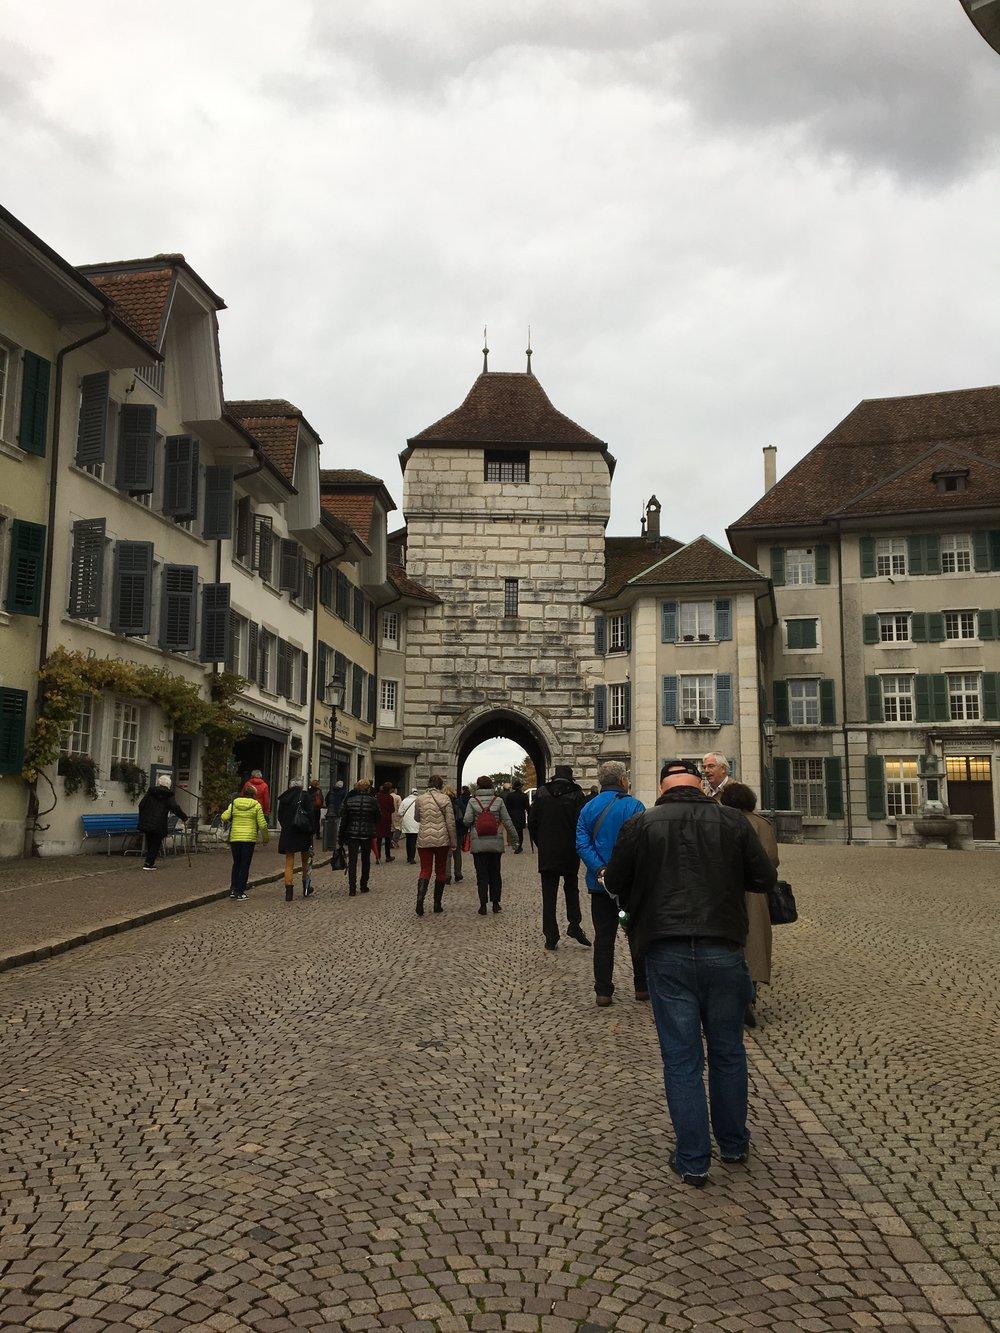 Le groupe se dirige vers la porte de Bâle, afin de retrouver le car qui attend pour la dernière étape de la journée